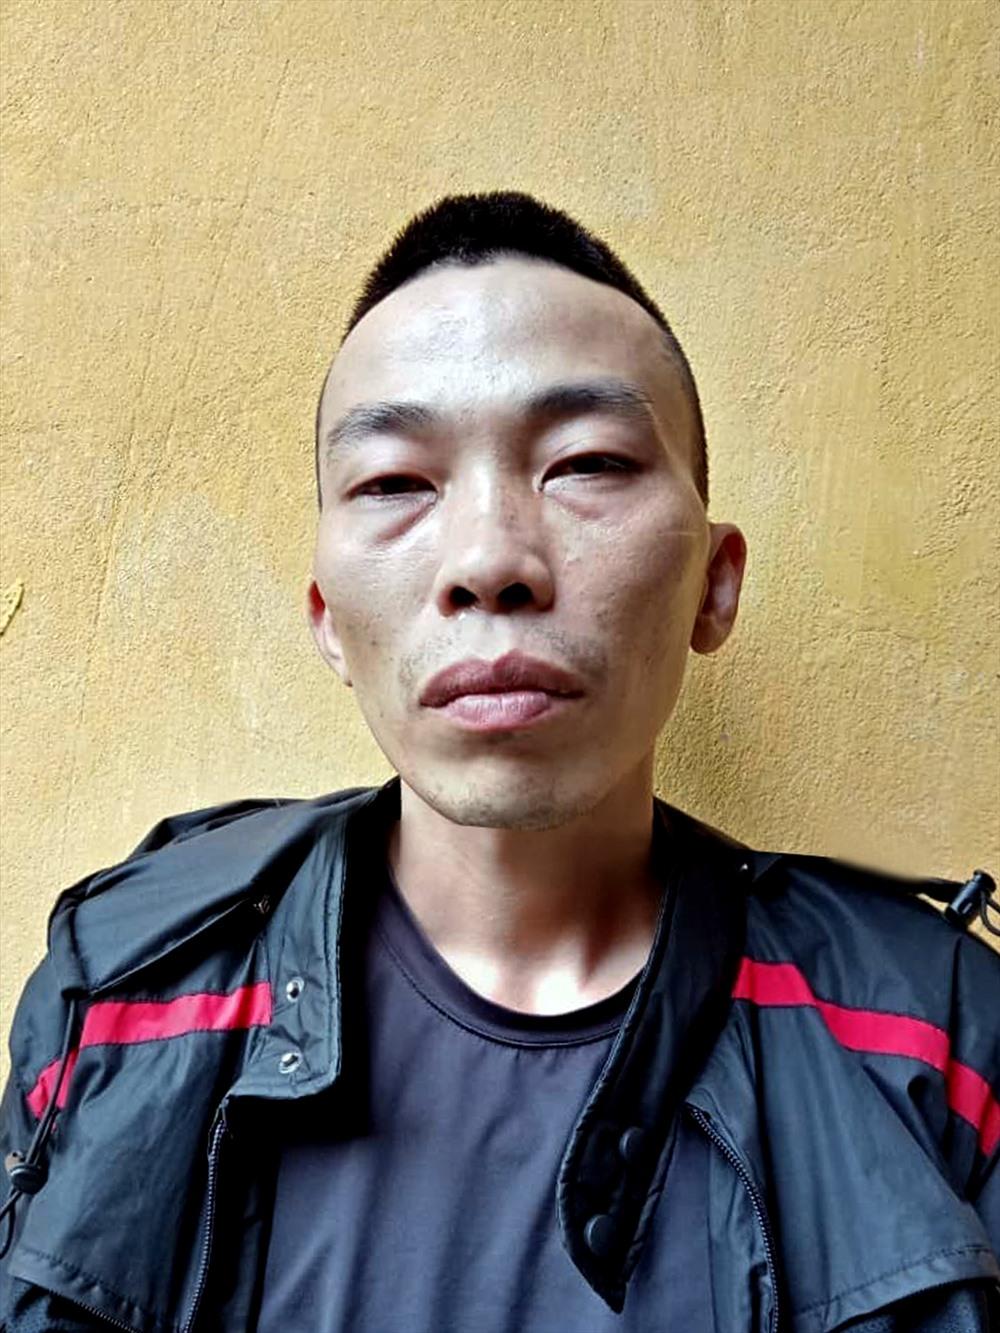 Đối tượng Lê Anh Việt. Ảnh: Minh Lý